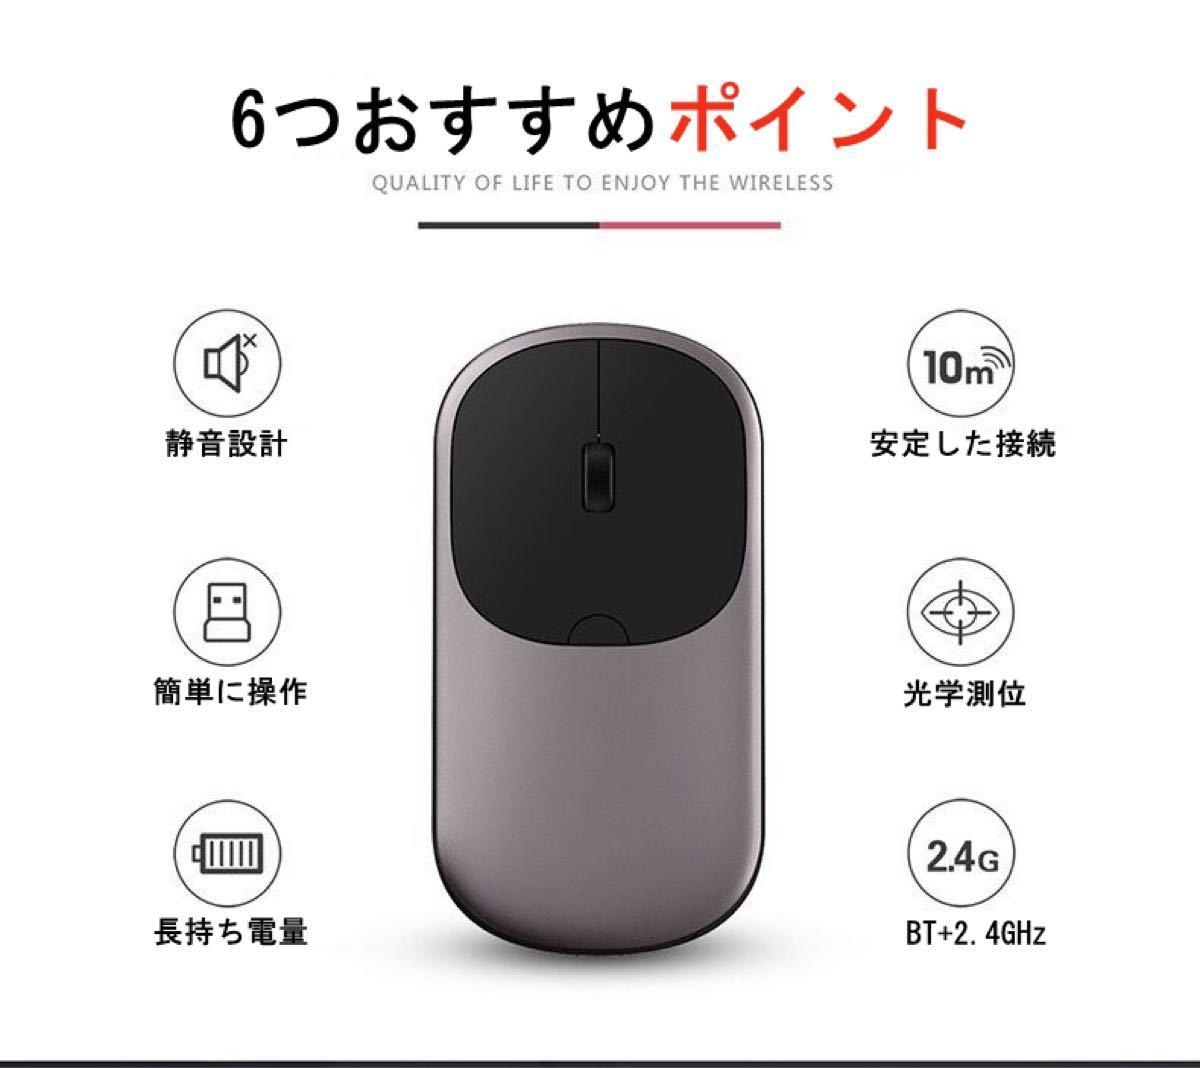 Bluetoothマウス  ワイヤレスマウス 無線マウス 静音 レーザーマウス  Bluetooth